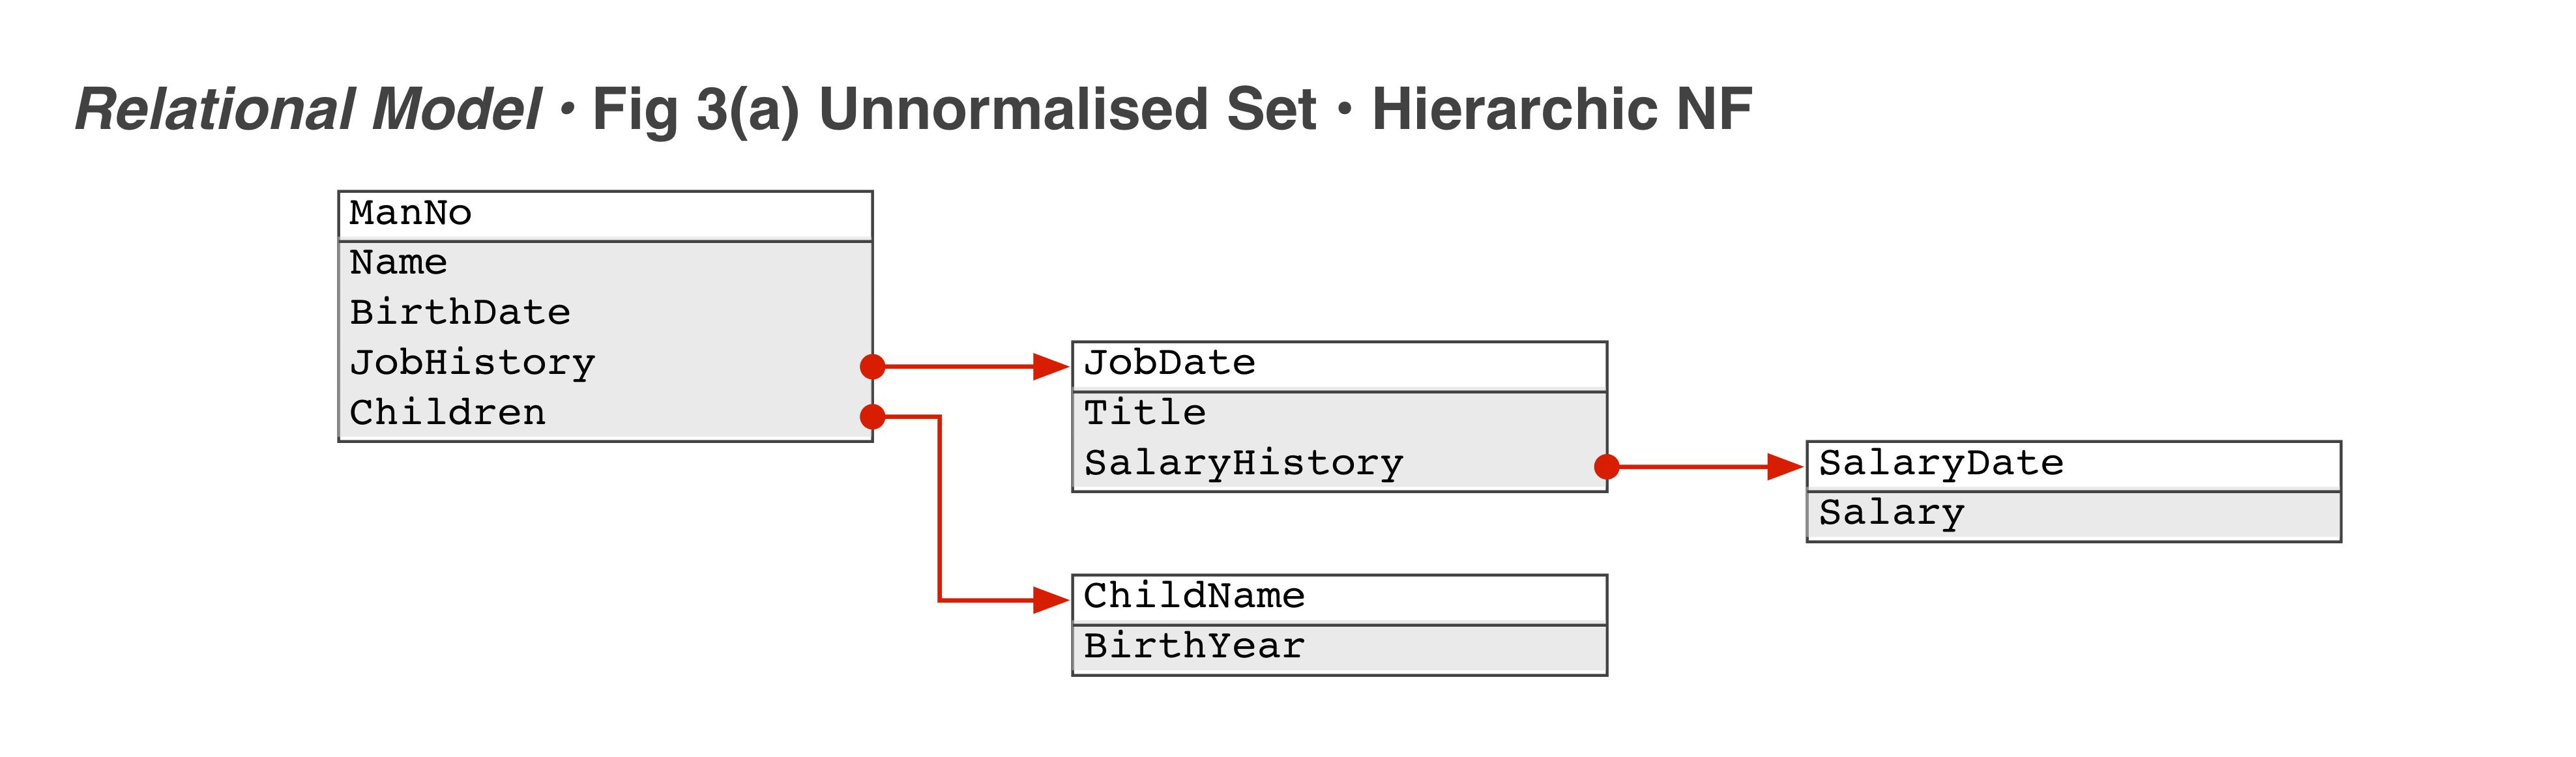 Relational Model Fig 3(a) • Unnormalised Set